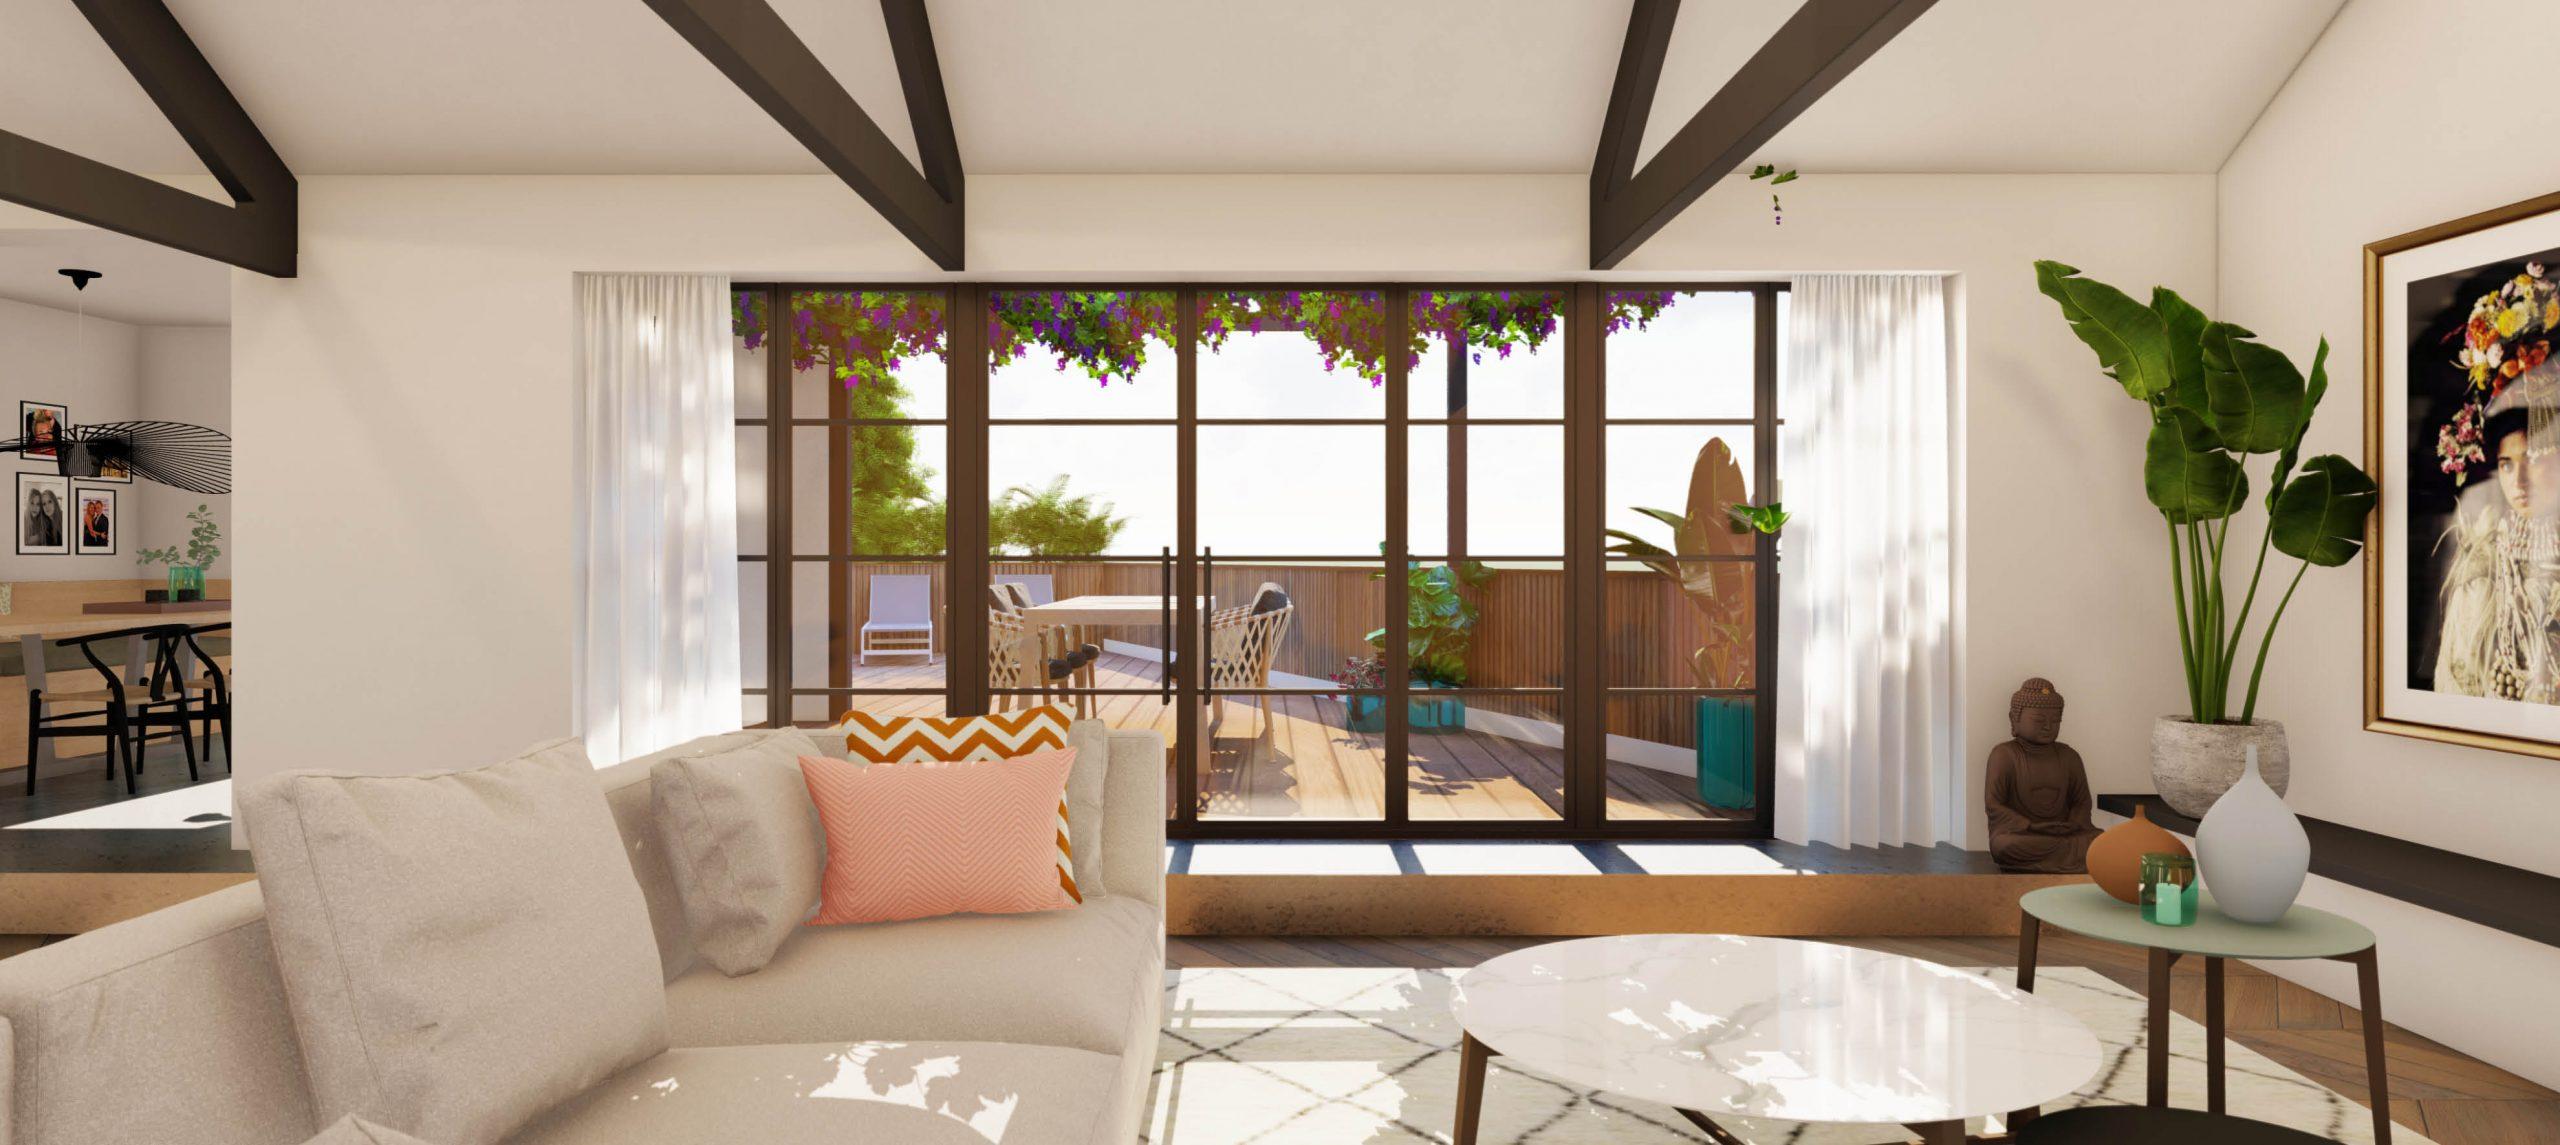 Project-noordwijk-de-perfecte-verbouwing-aflevering-7-woonverdieping-van-egmond-architecten